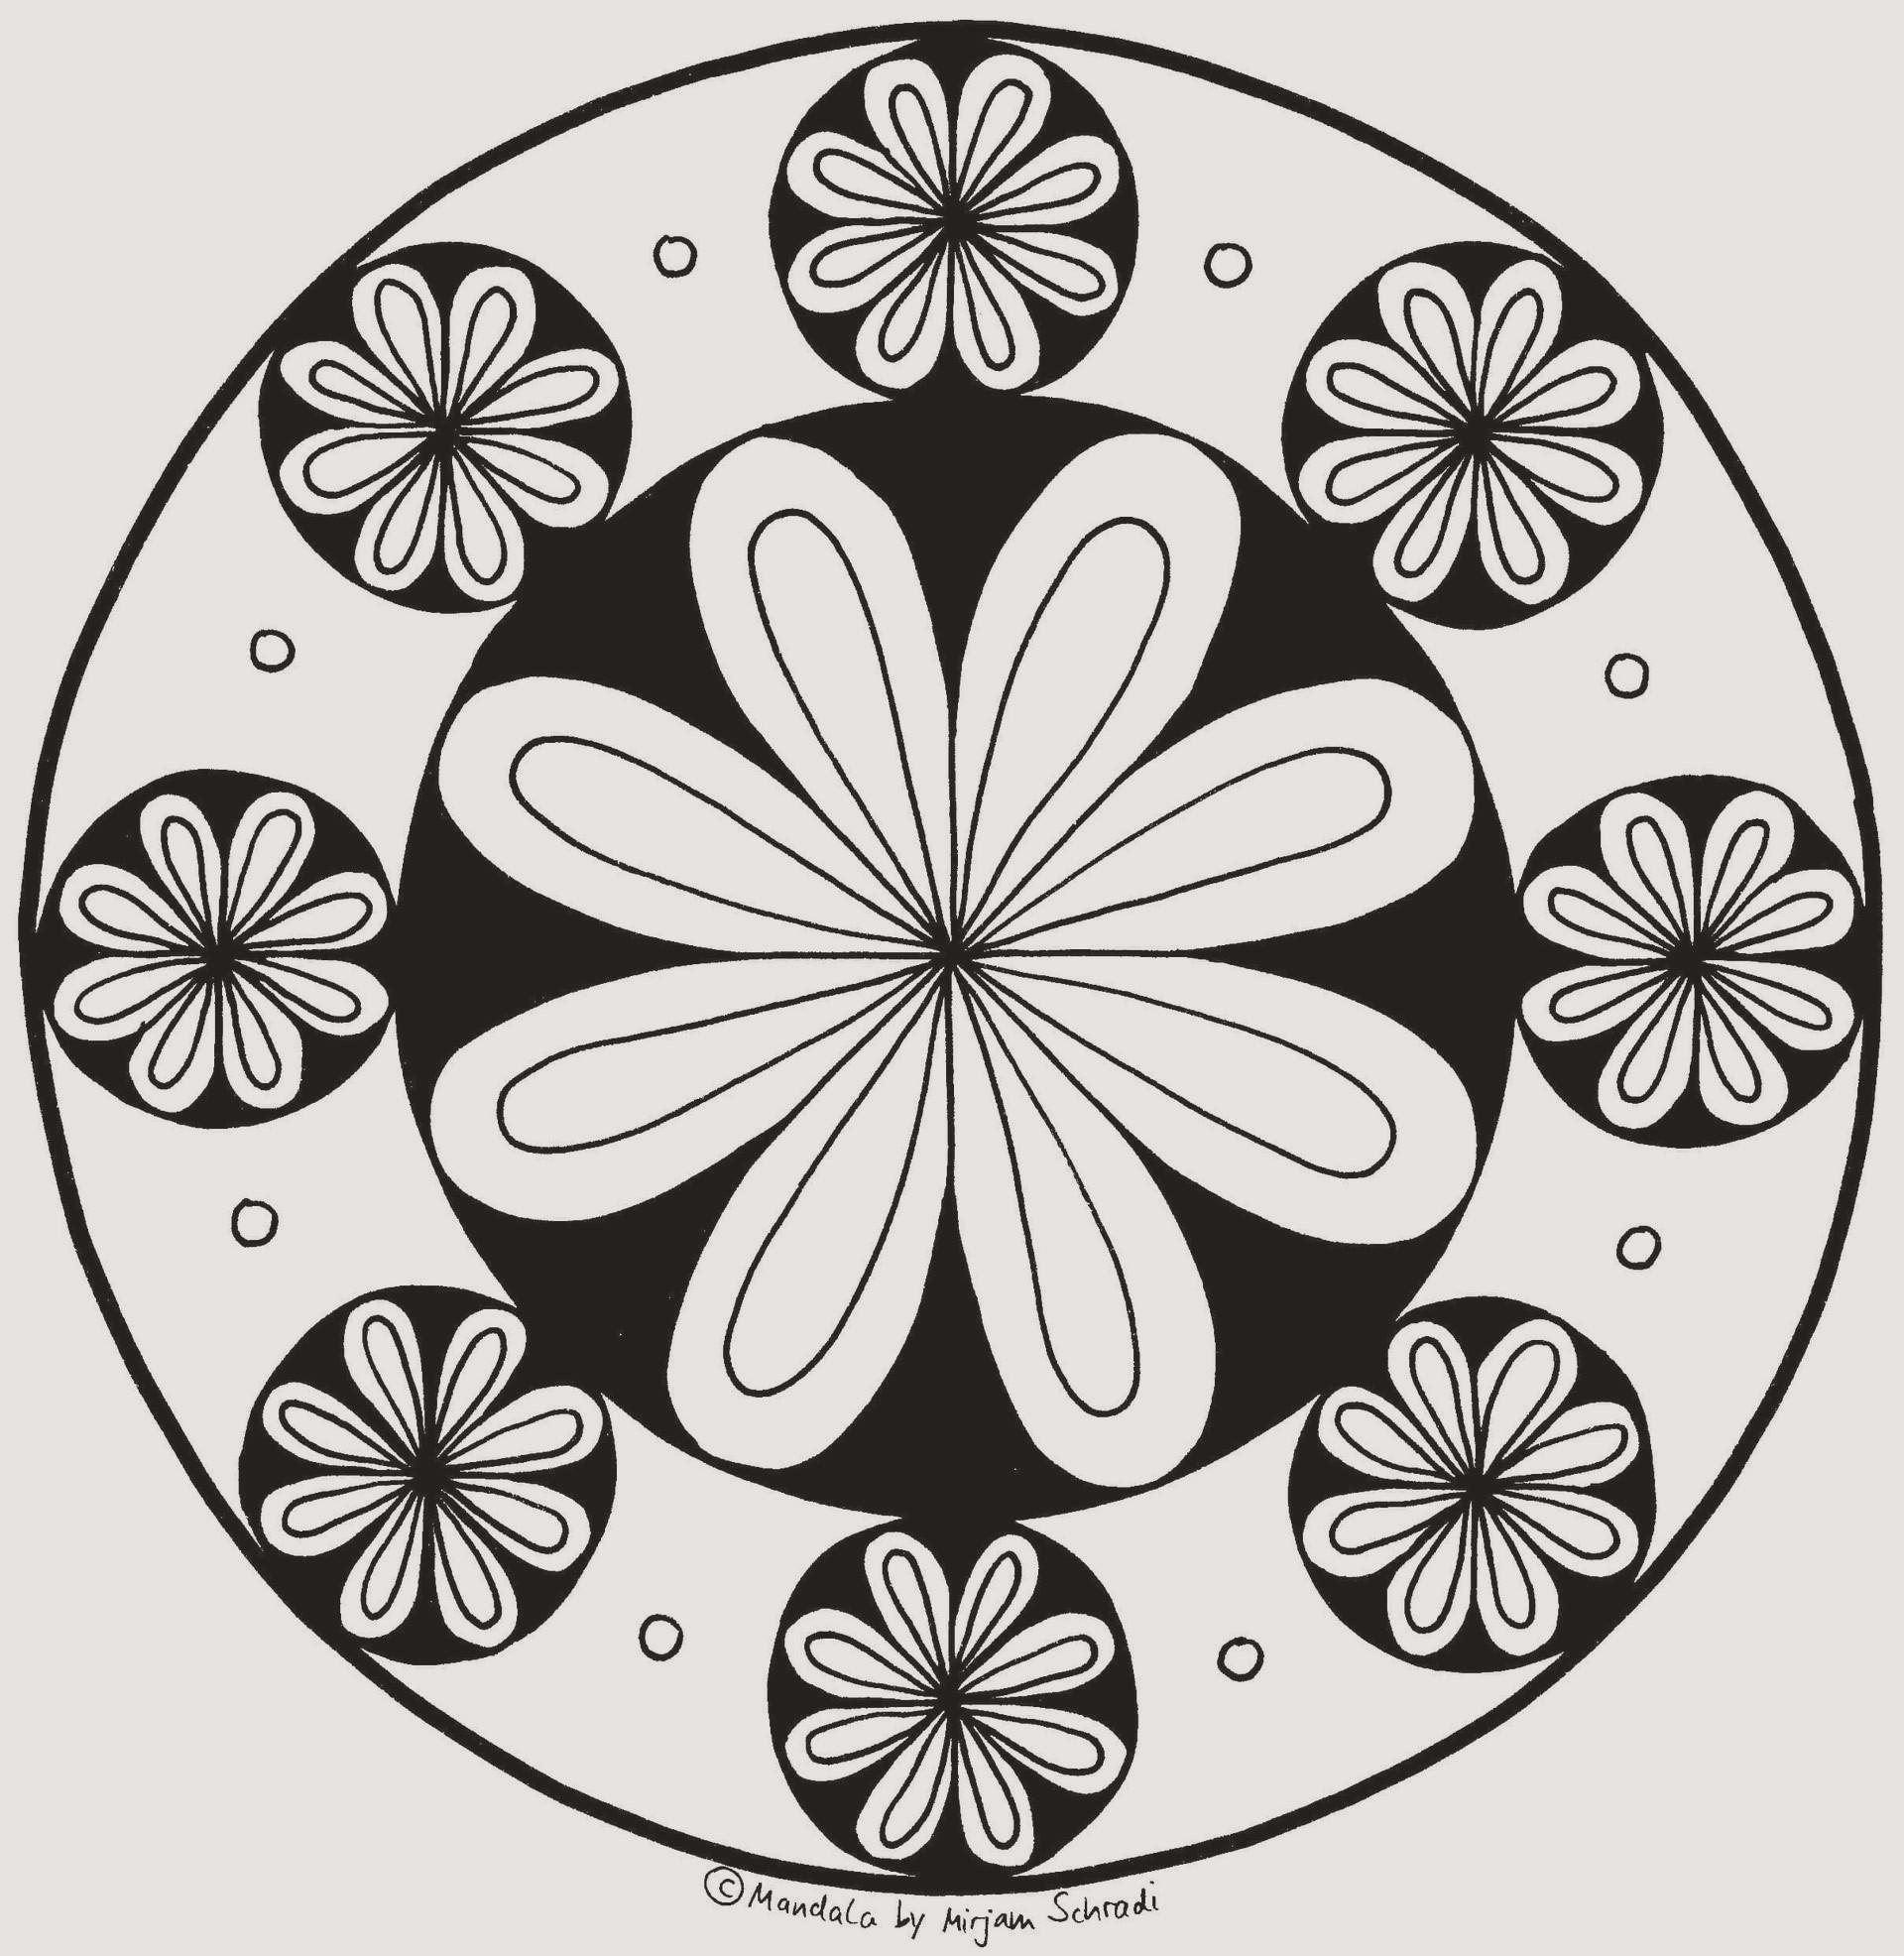 Mandala Ausmalbilder Für Weihnachten Weihnachtsvorlagen Das Beste Von 30 Besten Malvorlagen Blumen Für Erwachsene Neuste Fotografieren